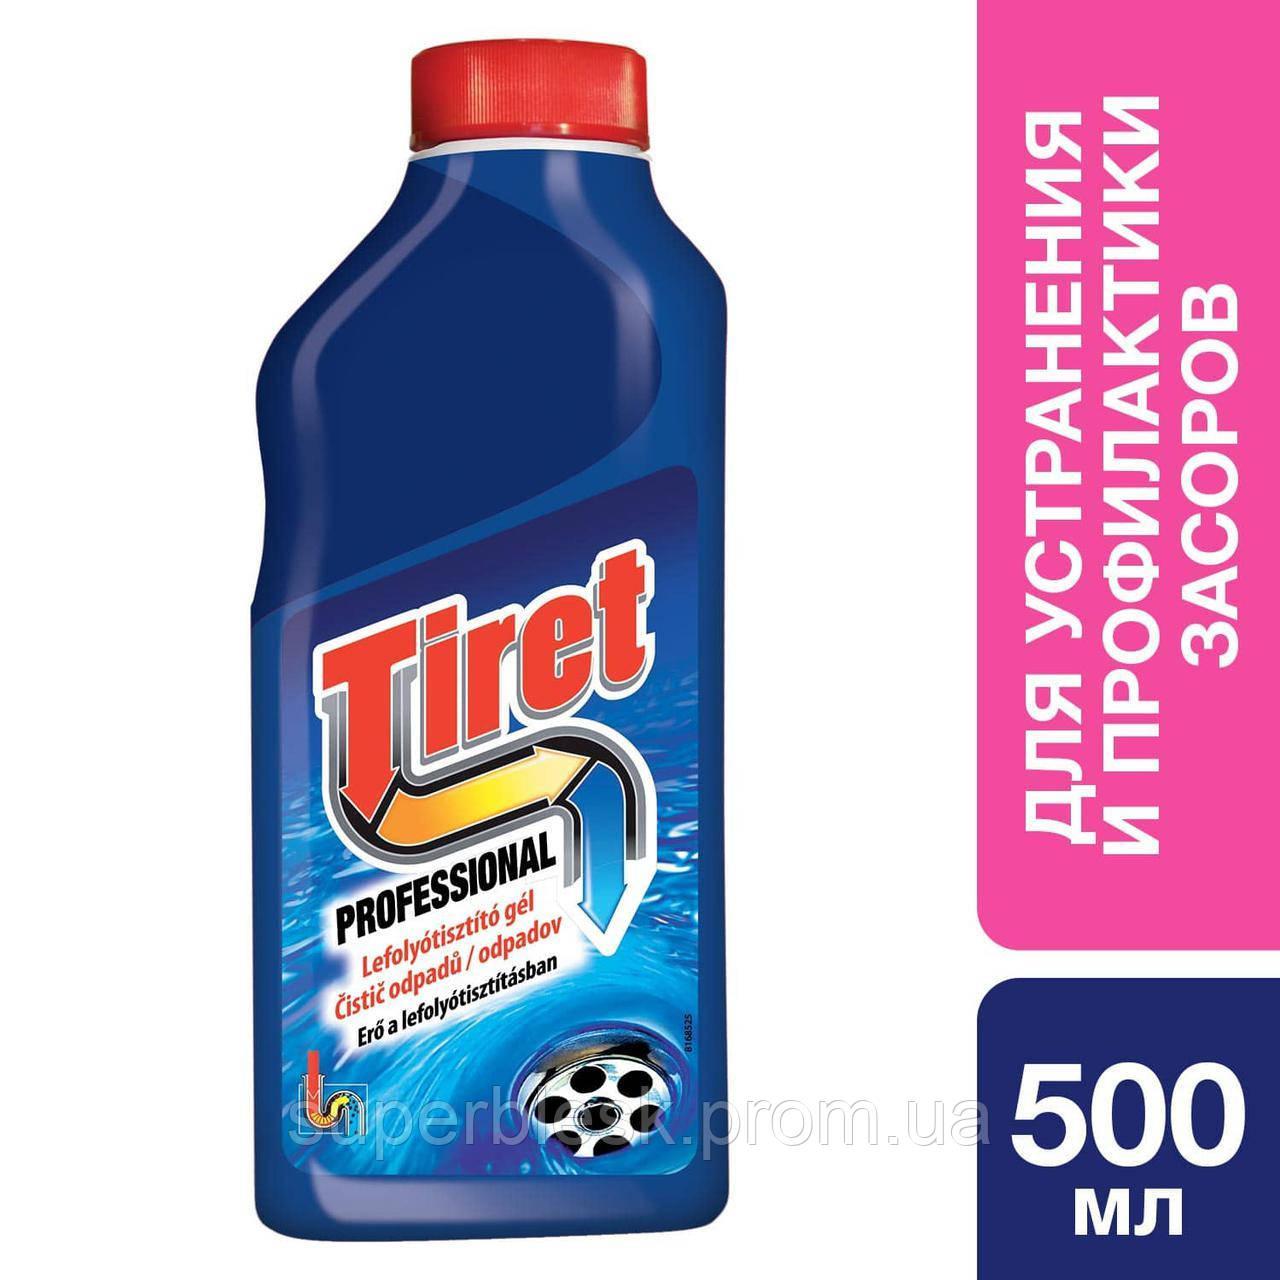 Средство для устранения и профилактики засоров в канализационных трубах Tiret Professional, 500 мл